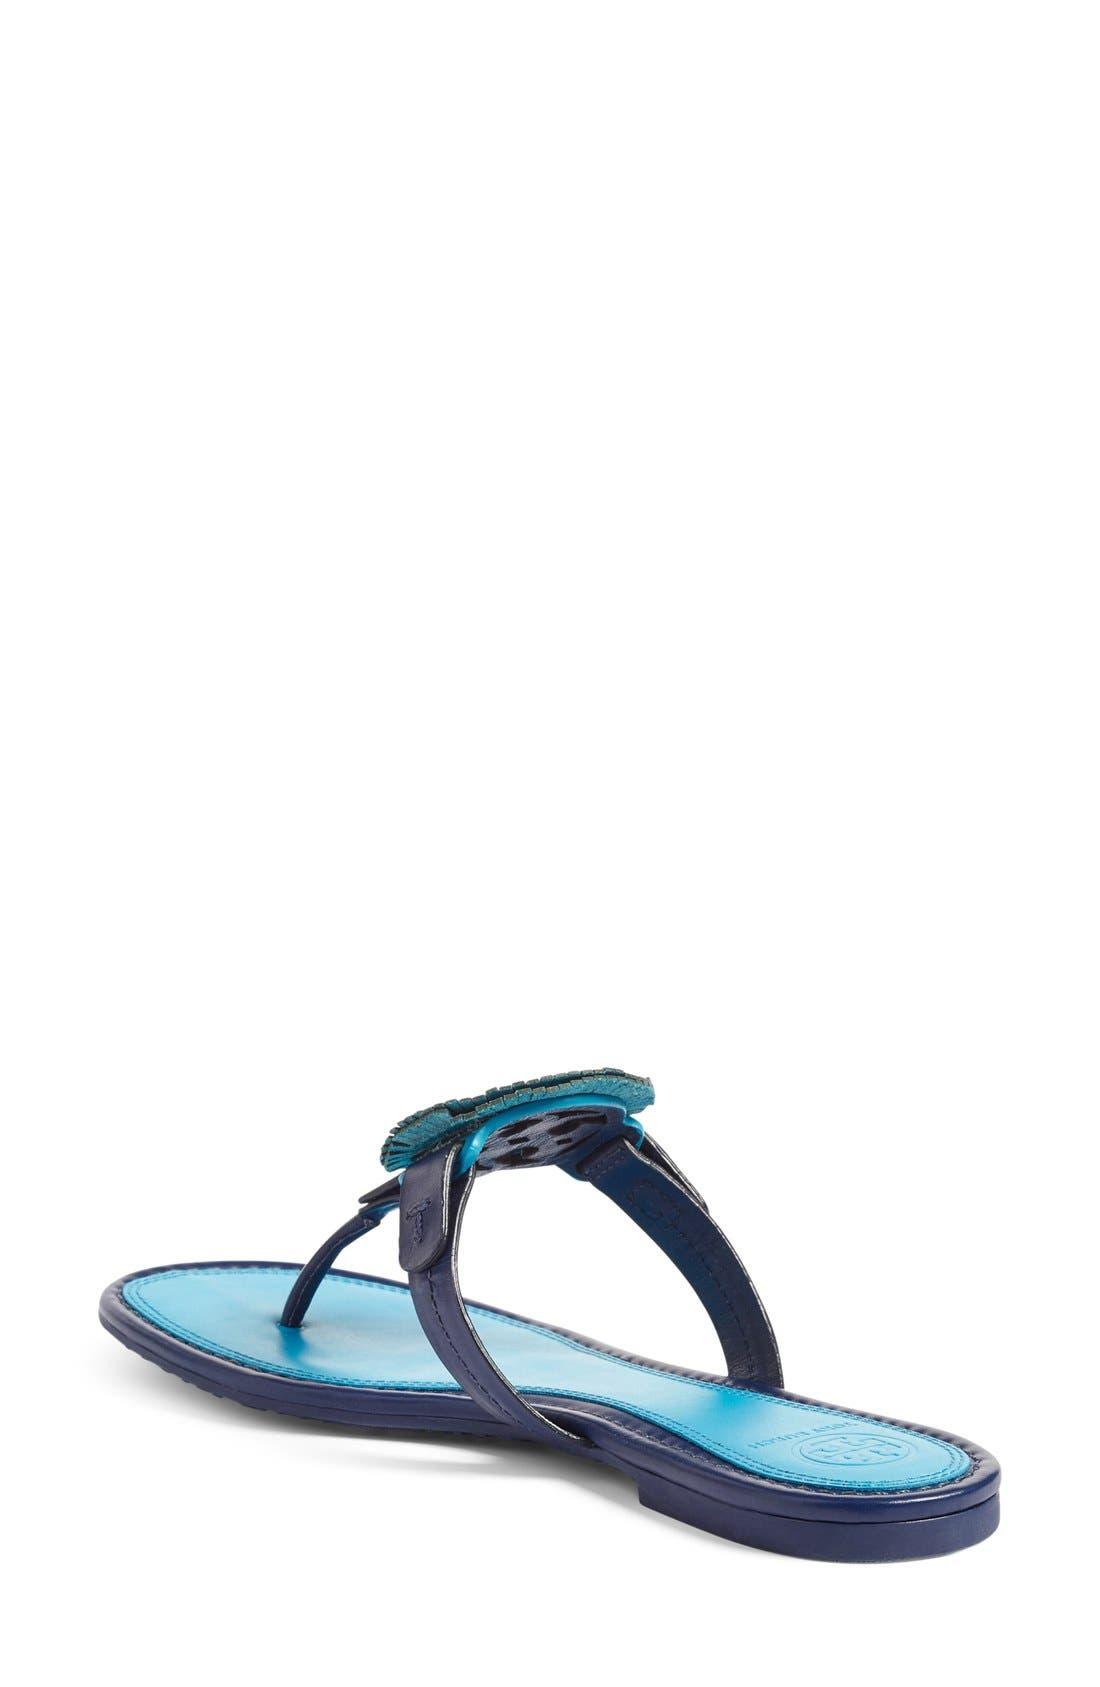 Alternate Image 2  - Tory Burch Miller Sandal (Women)